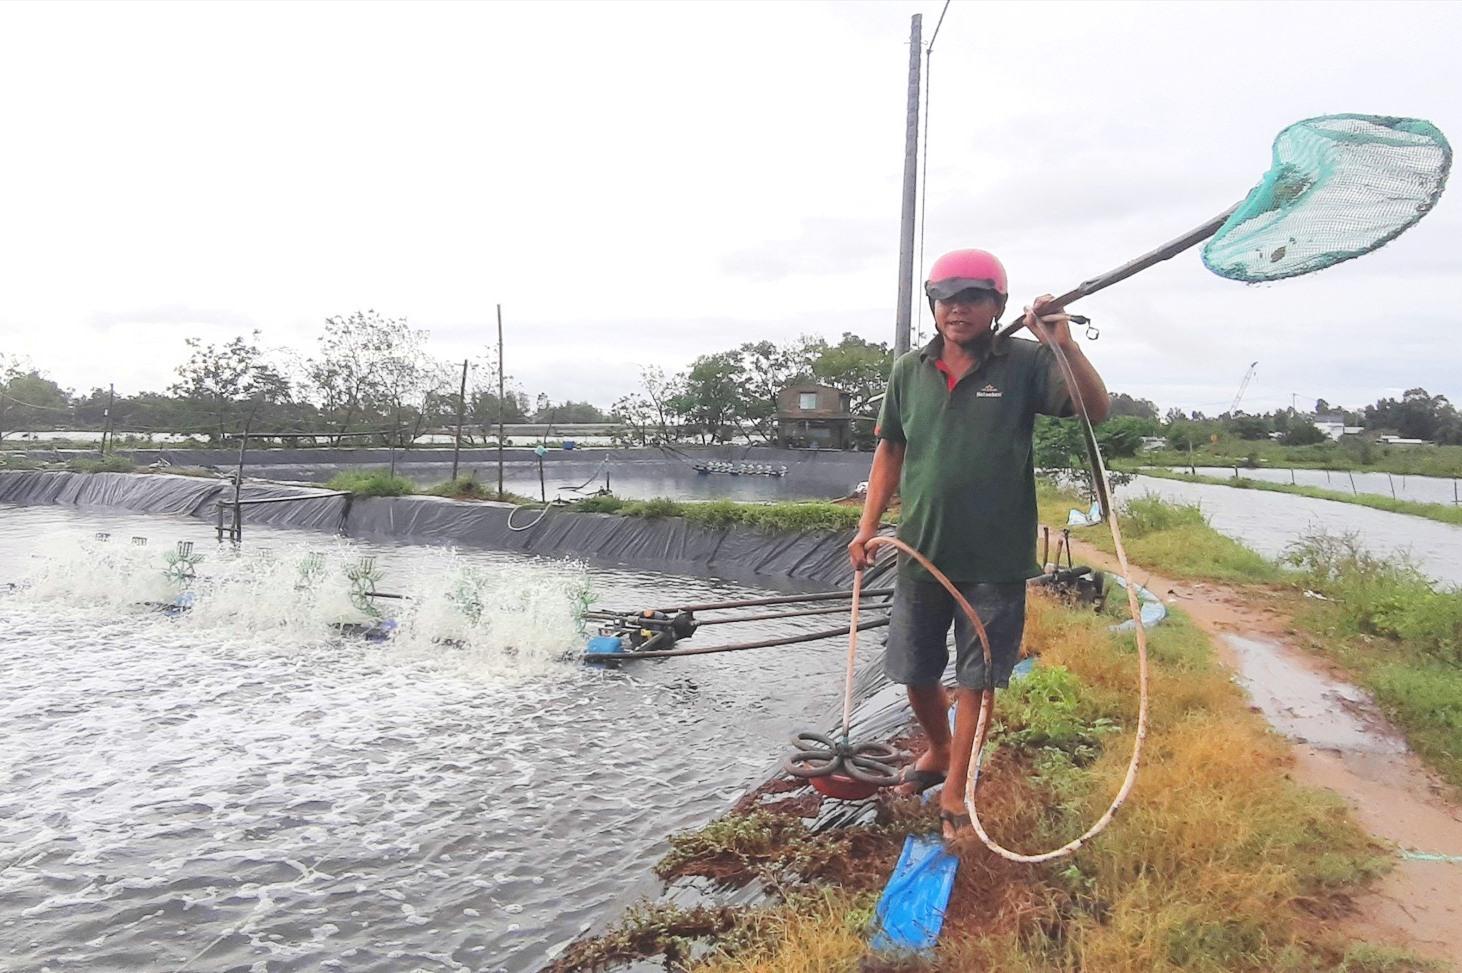 Ông Trần Văn Nhứt ở thôn Vĩnh Nam (Duy Vinh, Duy Xuyên) kiểm tra, bảo quản các dụng cụ cần thiết. Ảnh: T.P